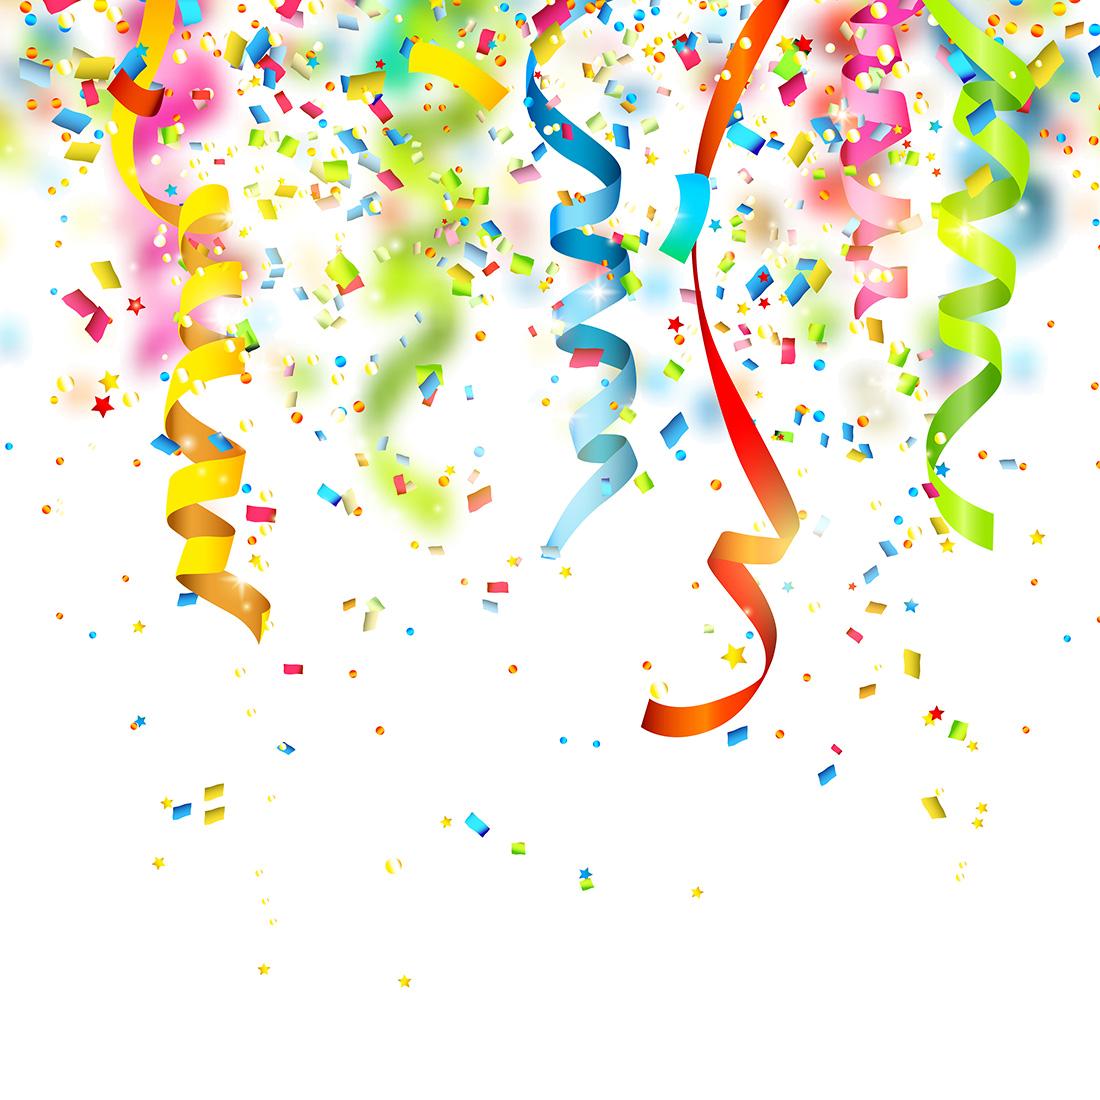 Decoration clipart confetti. Birthday party clip art